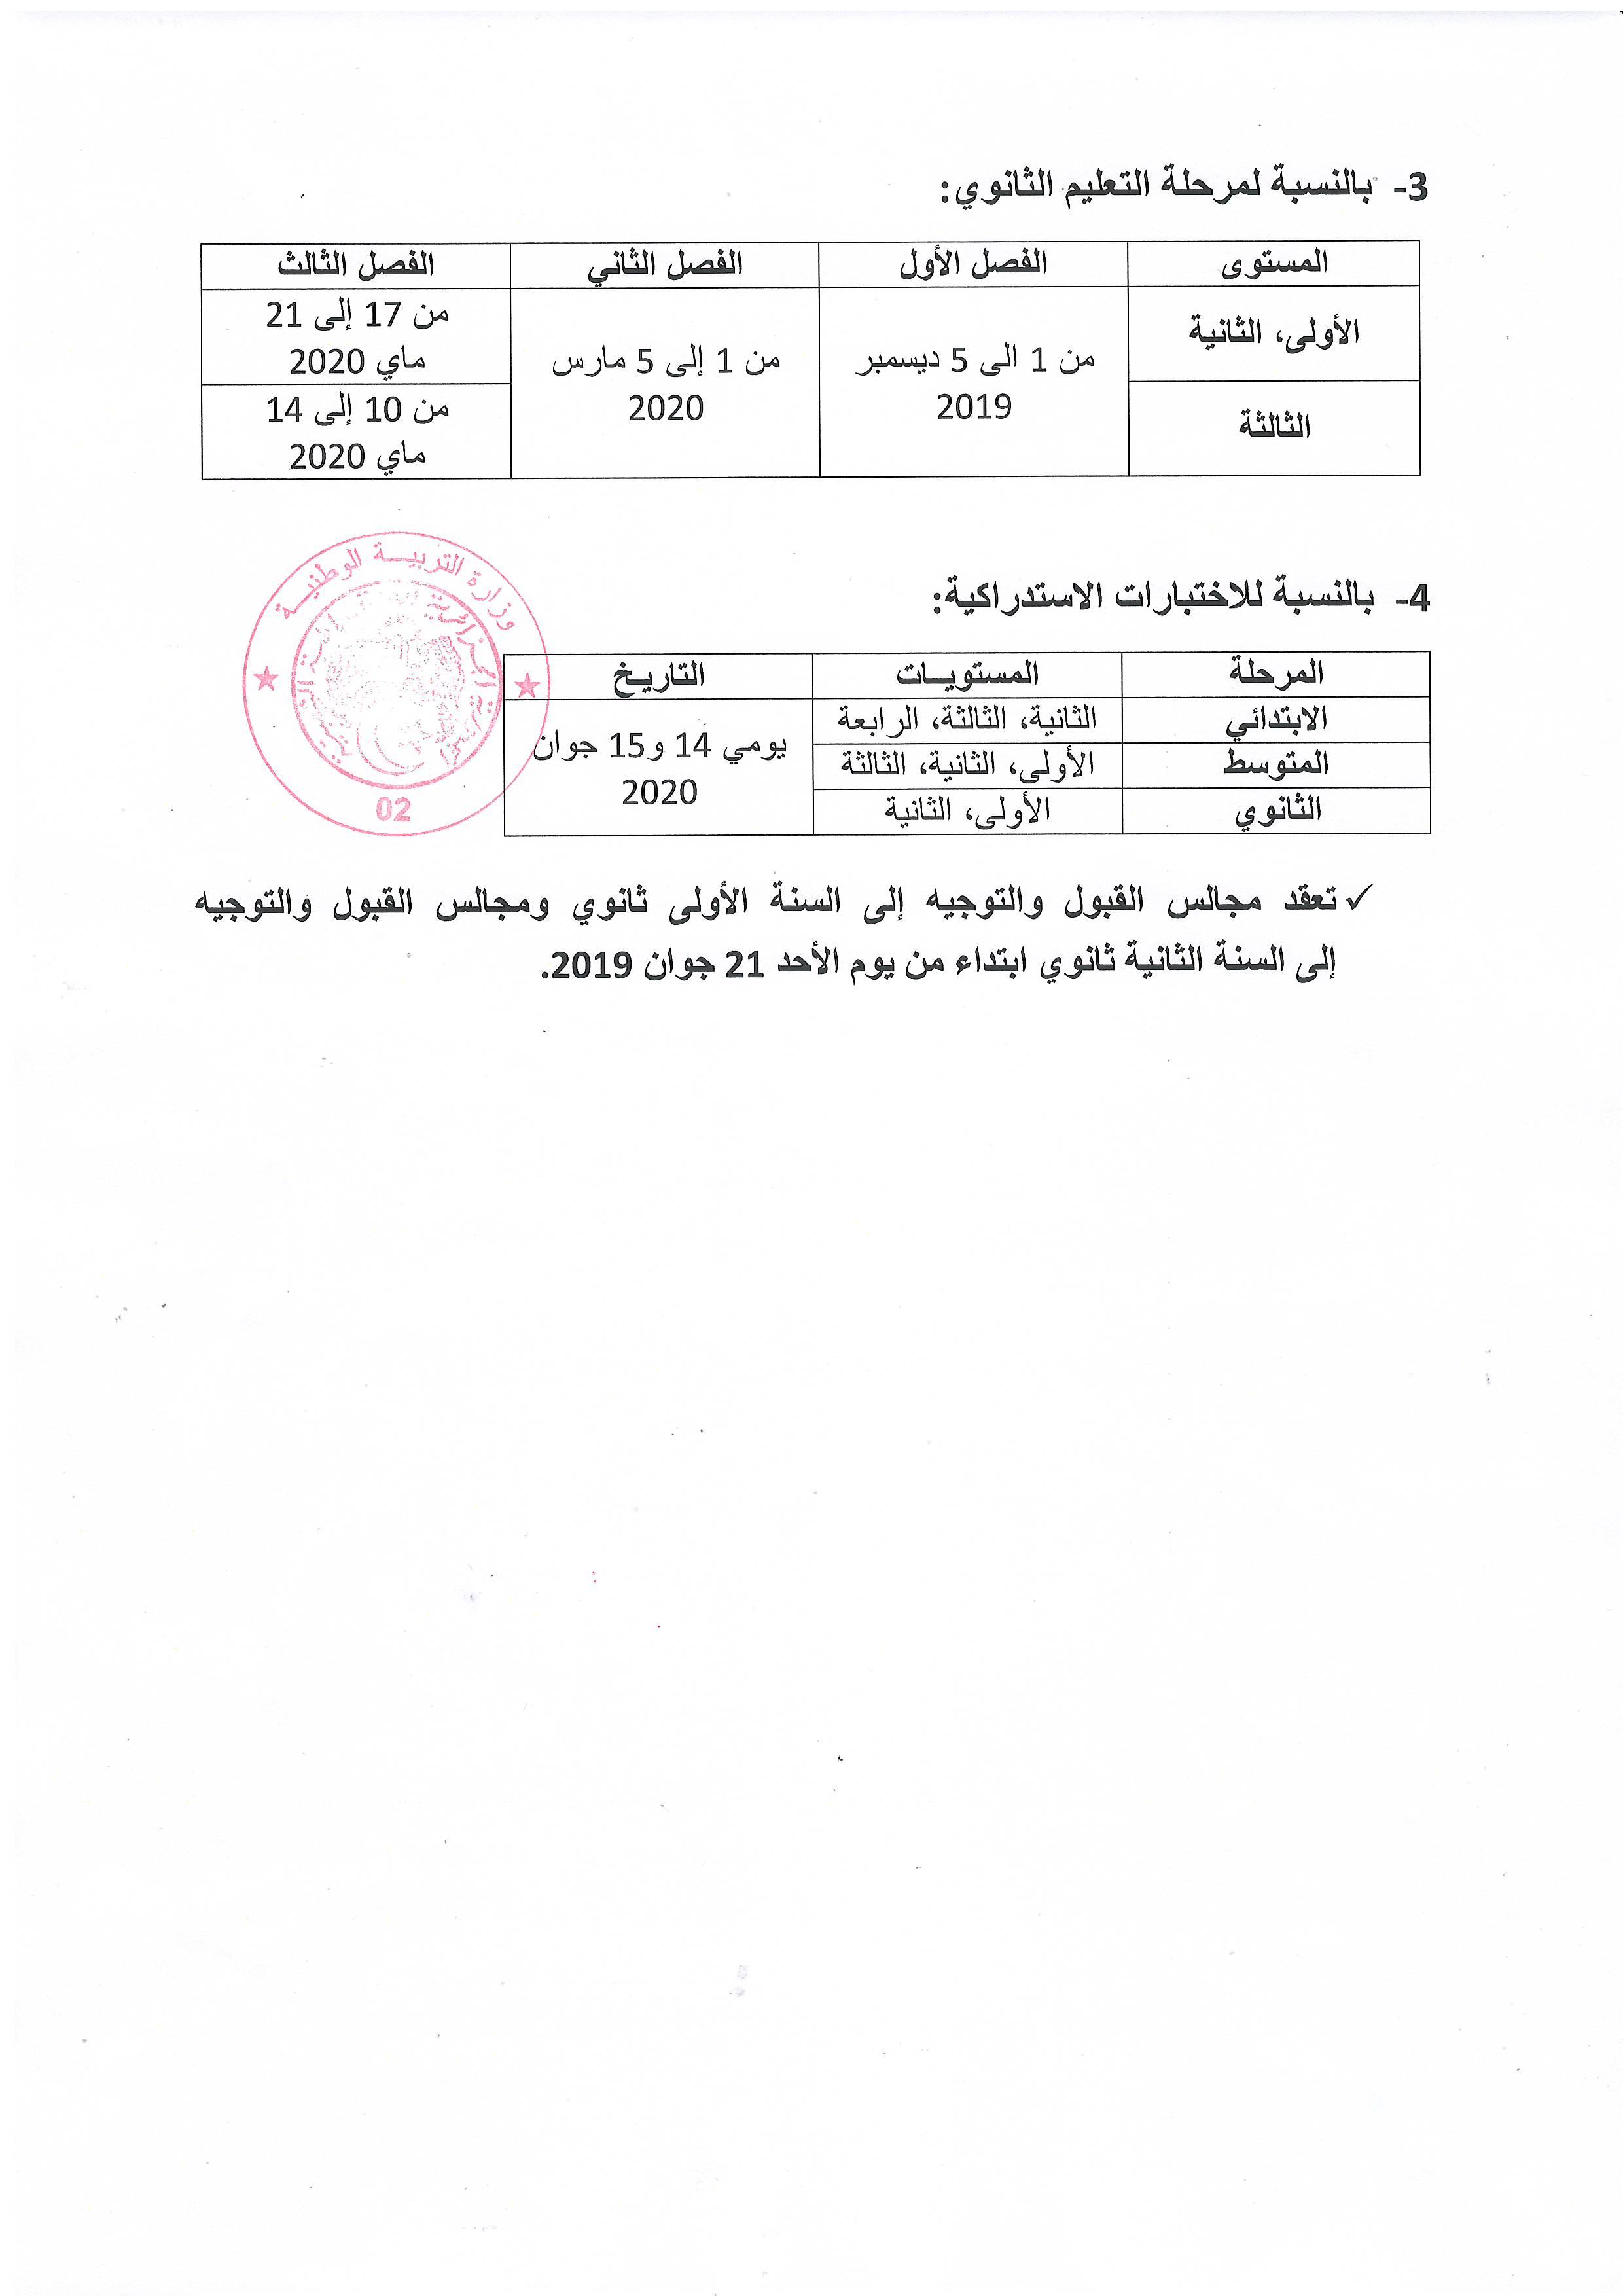 exam-scol-2019-2020